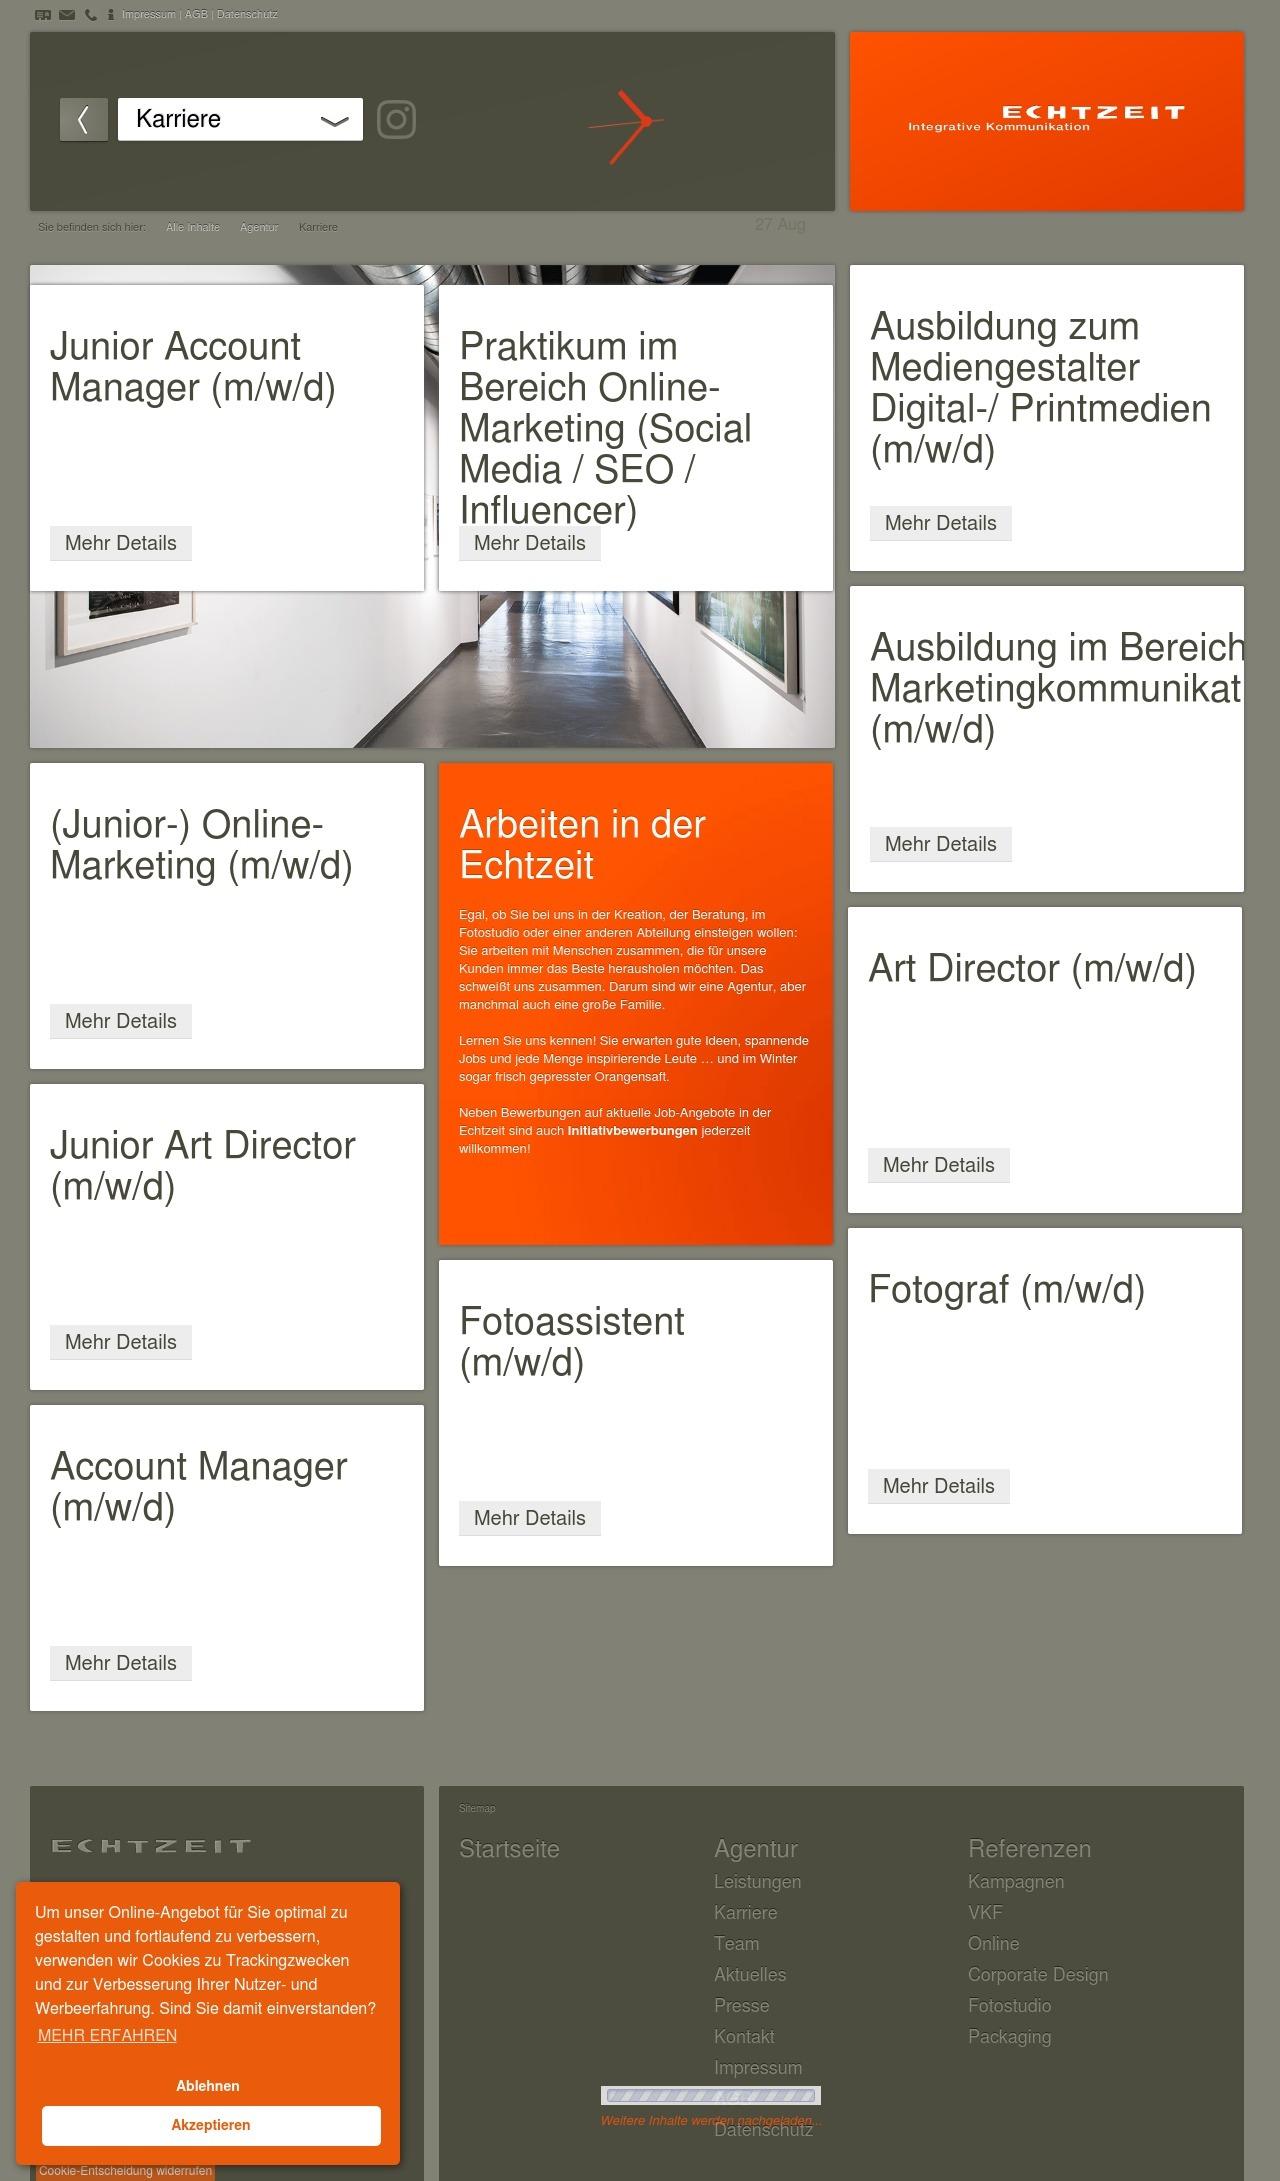 Werbeagentur Jobs und Stellenangebote